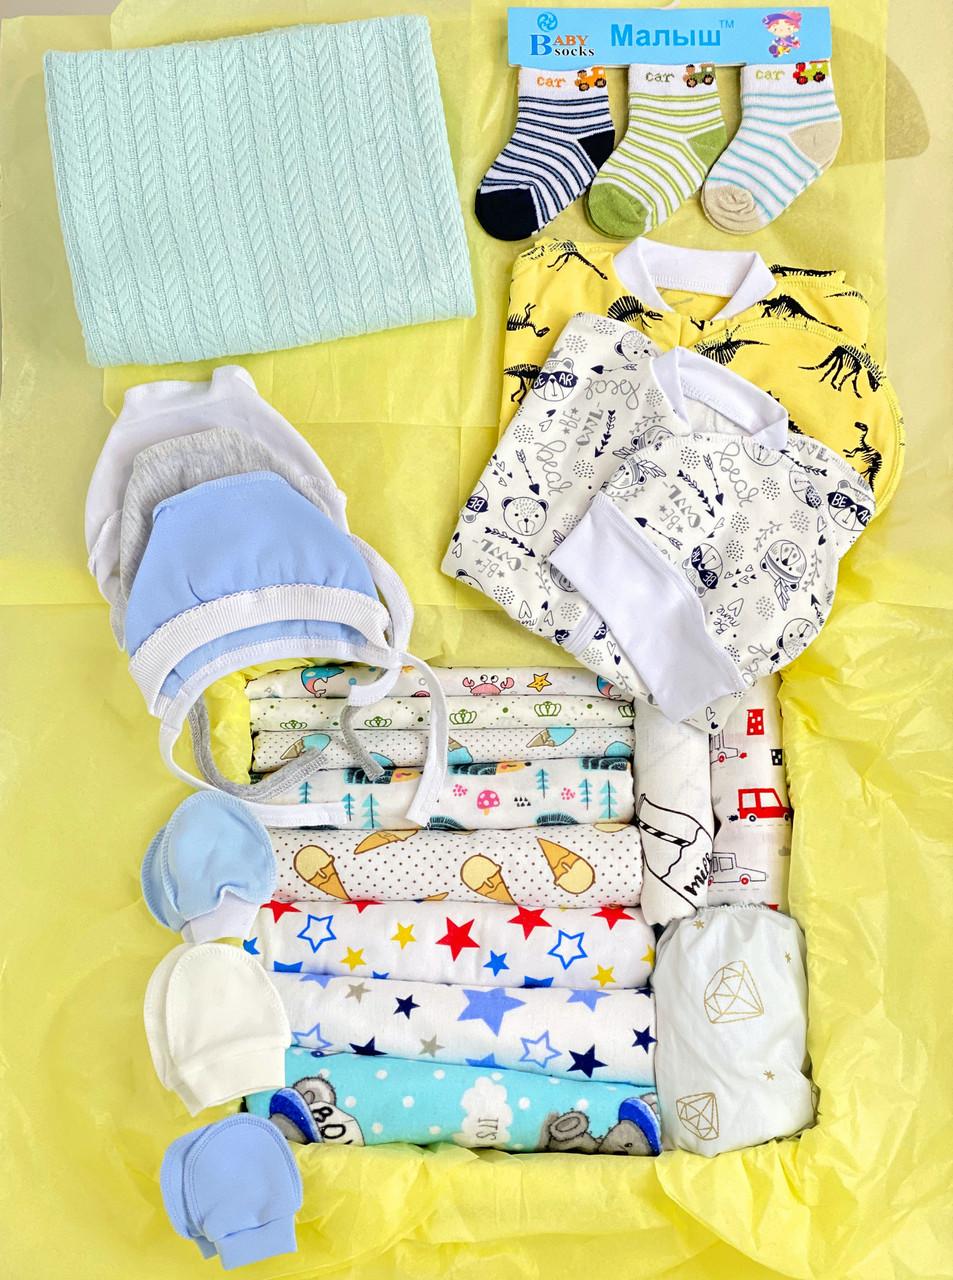 Макси набор пеленок 14+9 для мальчика + подарки!